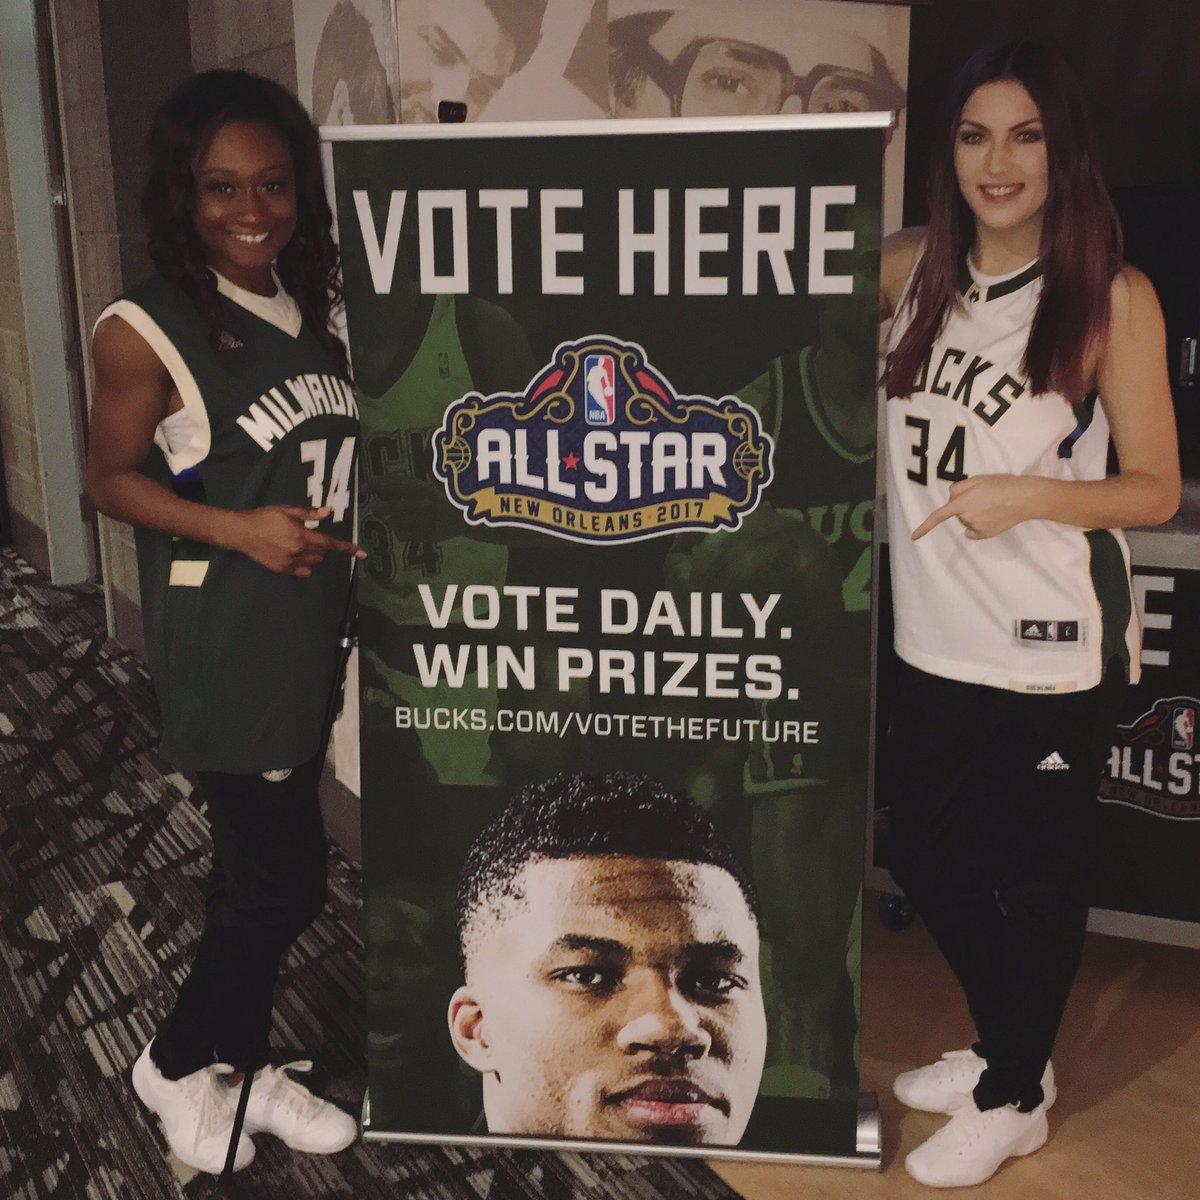 RETWEET to vote Giannis Antetokounmpo for All-Star! #NBAVote #VoteTheFuture https://t.co/KYOgi5aLs8